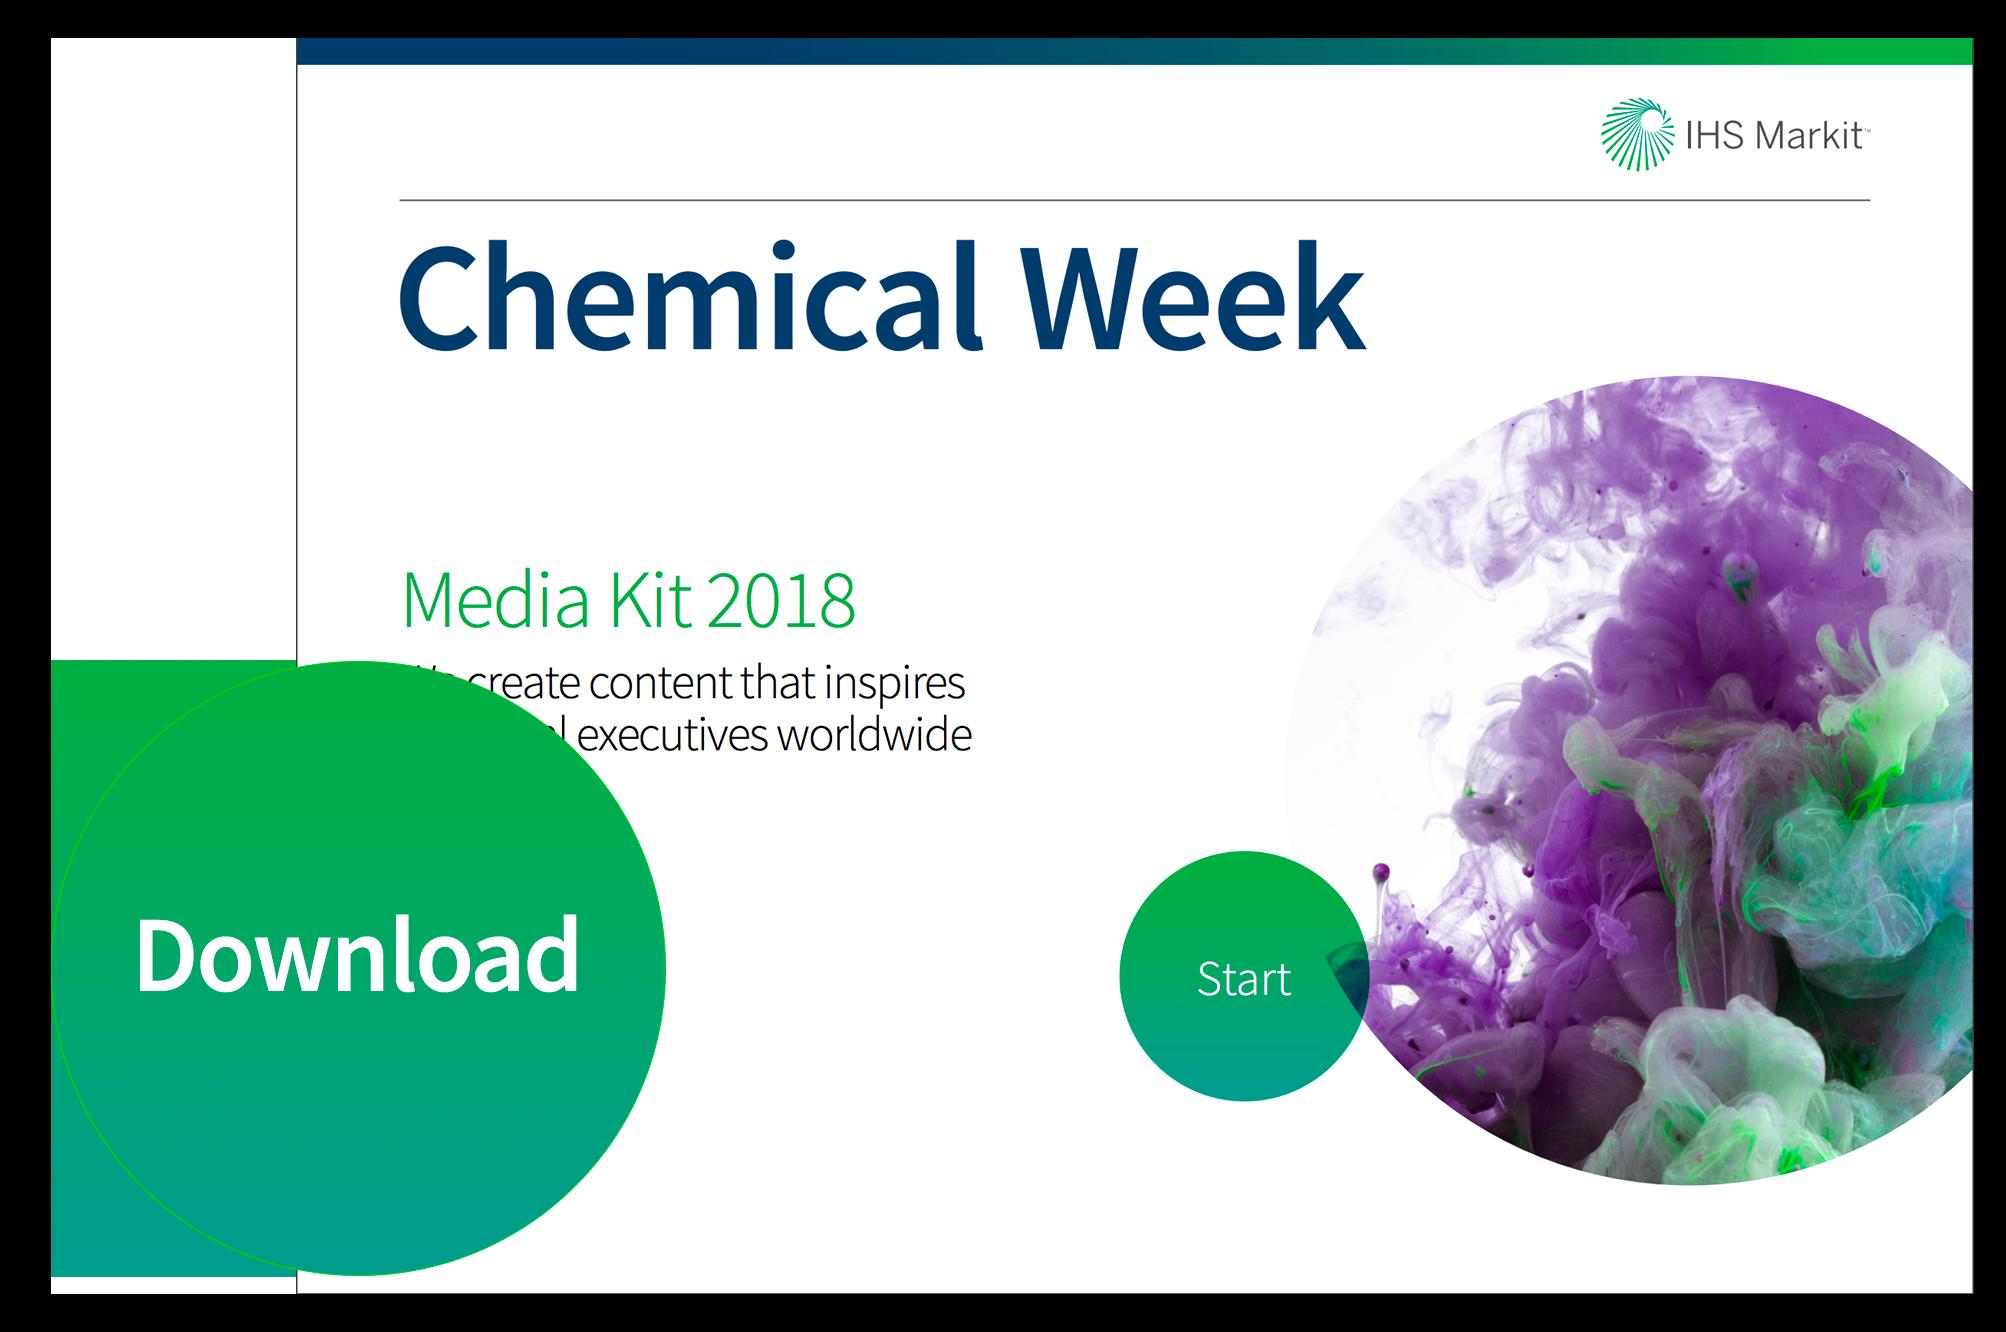 2018 Interactive media kit